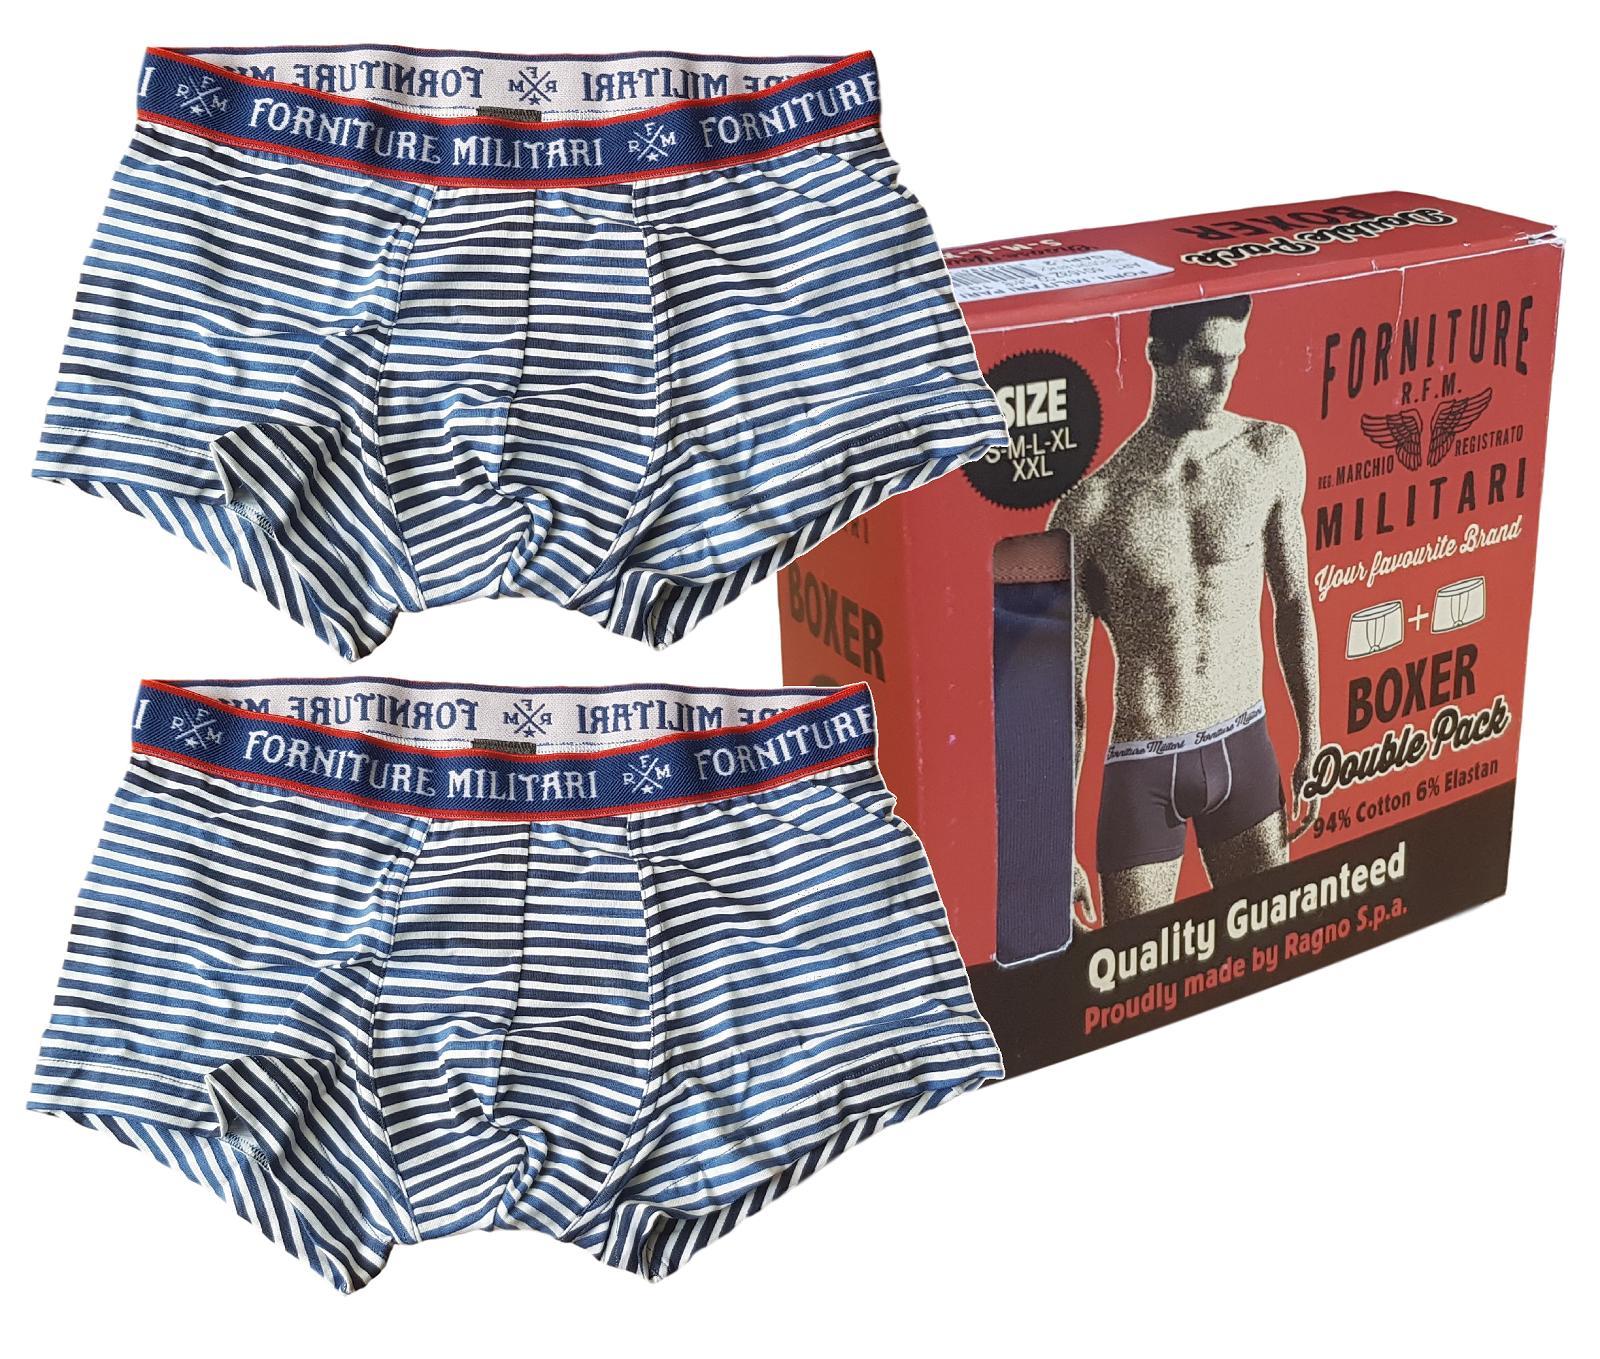 Boxer Uomo 2 pezzi cotone. FORNITURE MILITARI by Ragno 60214Z Intimo Double Pack